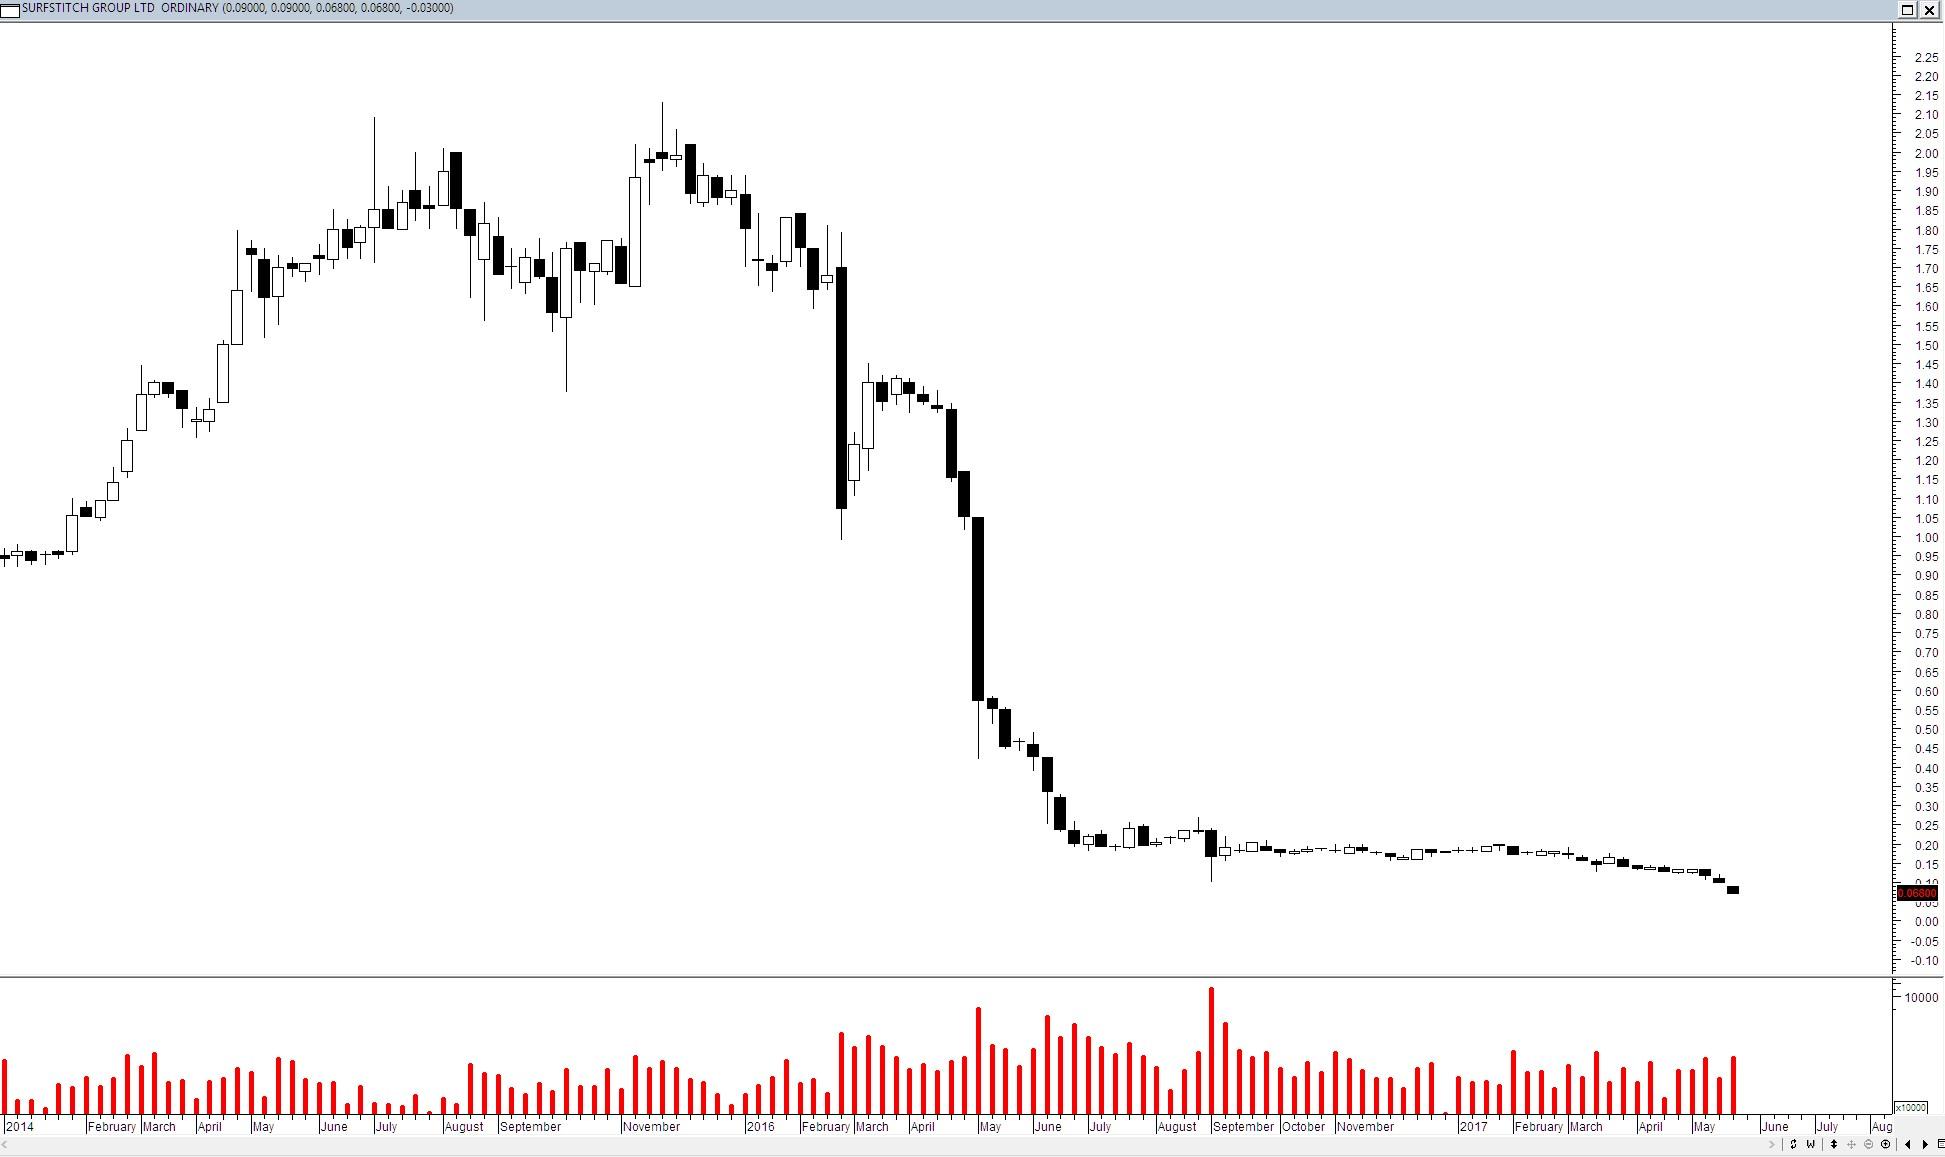 Tate - Surf Stitch price chart